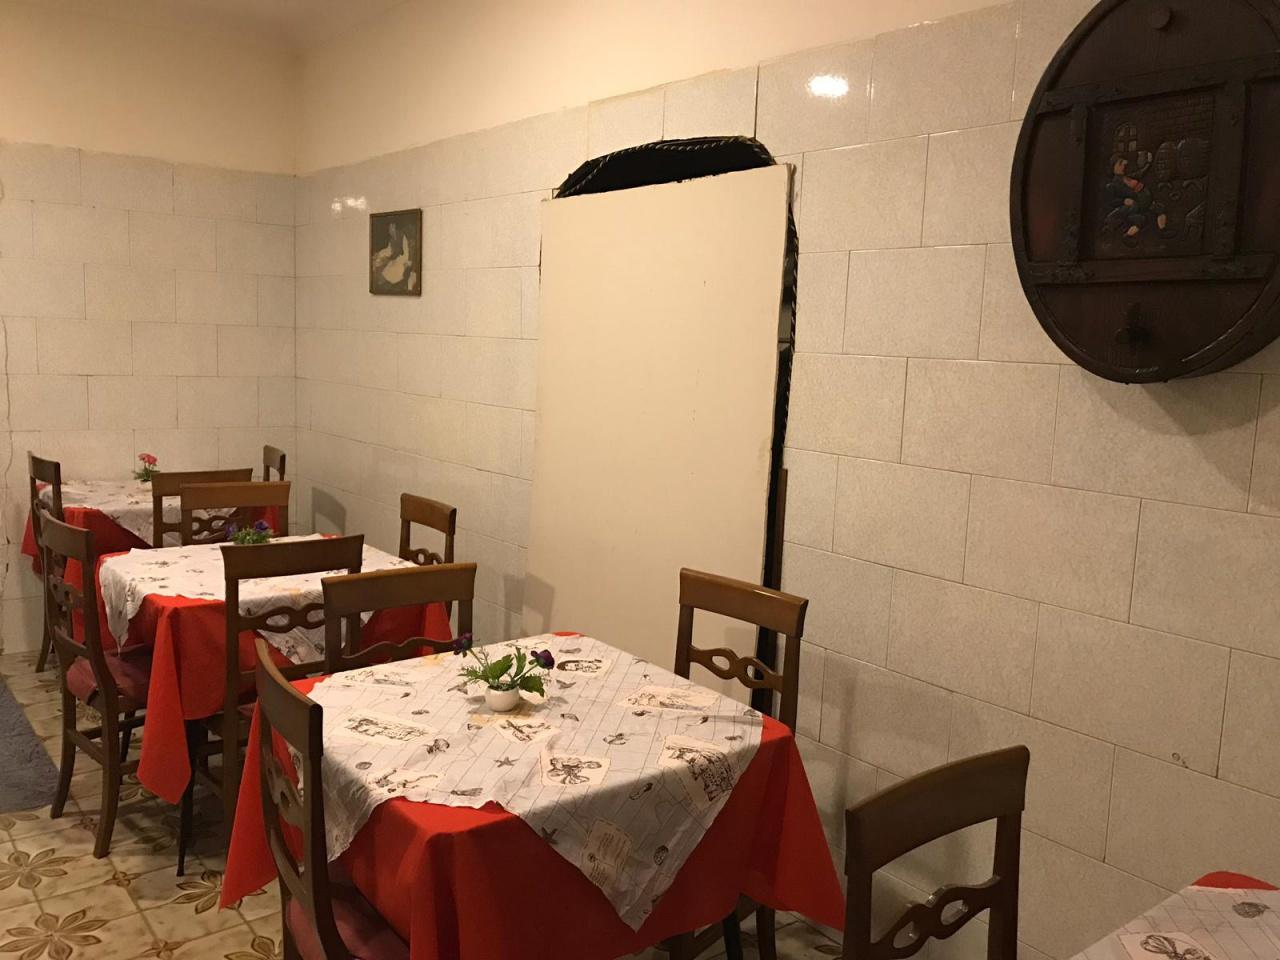 Bar NAPOLI LOCALE ST. PROV. CAS